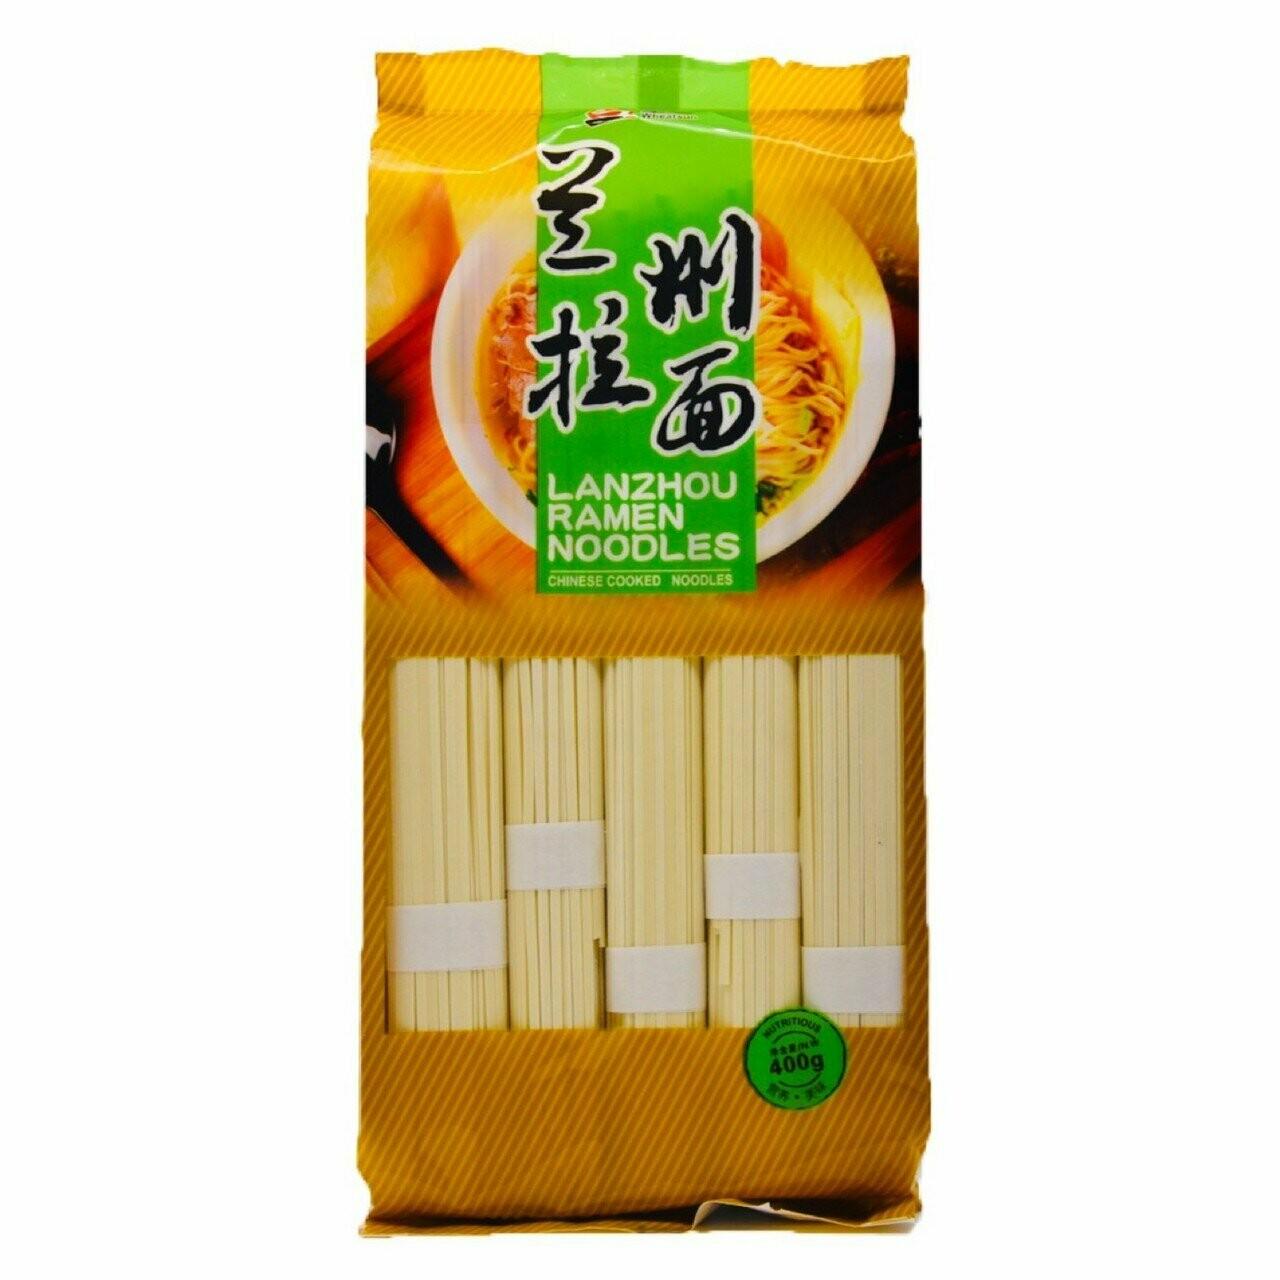 Wheatsun Lanzhou Ramen Noodles 400g